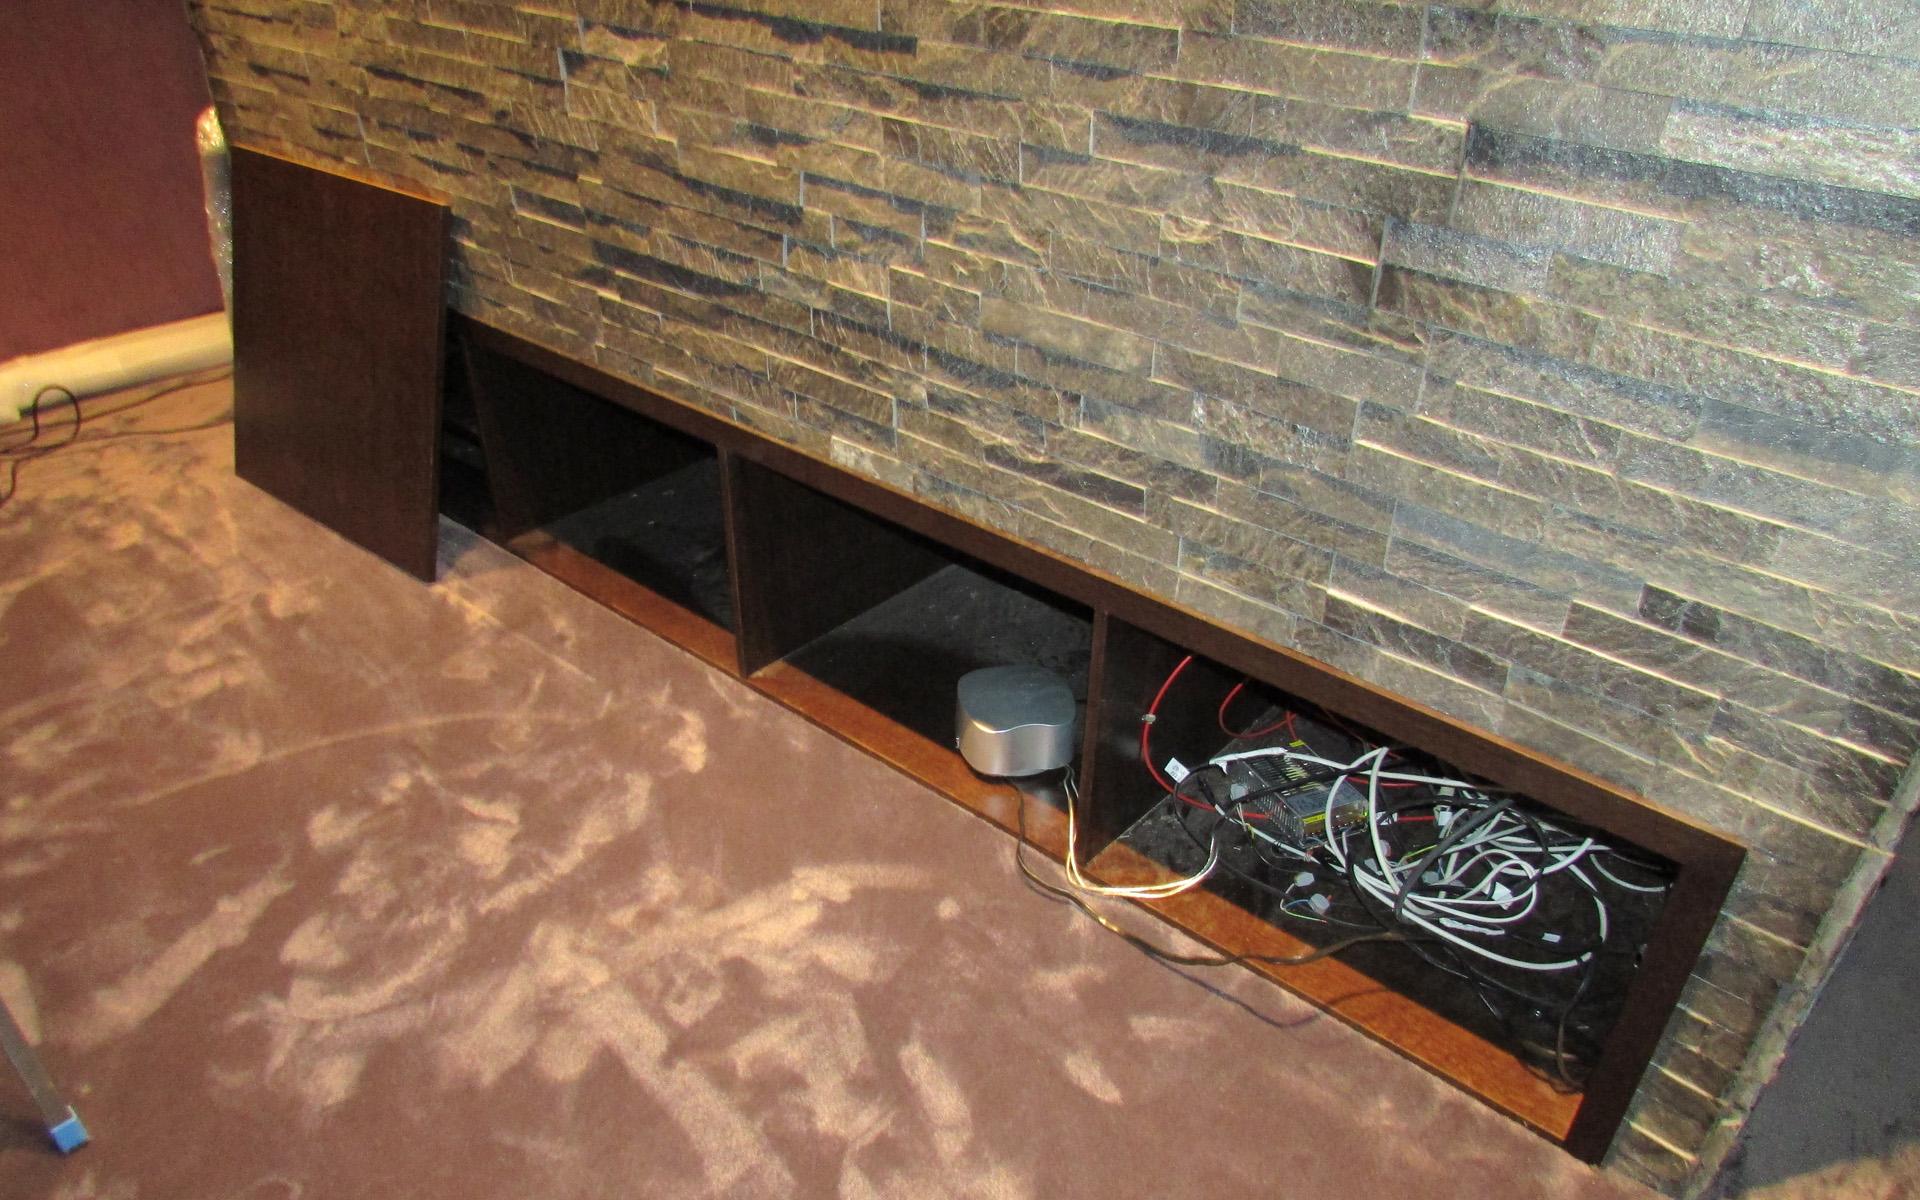 Ниша для установки электроники домашнего кинотеатра